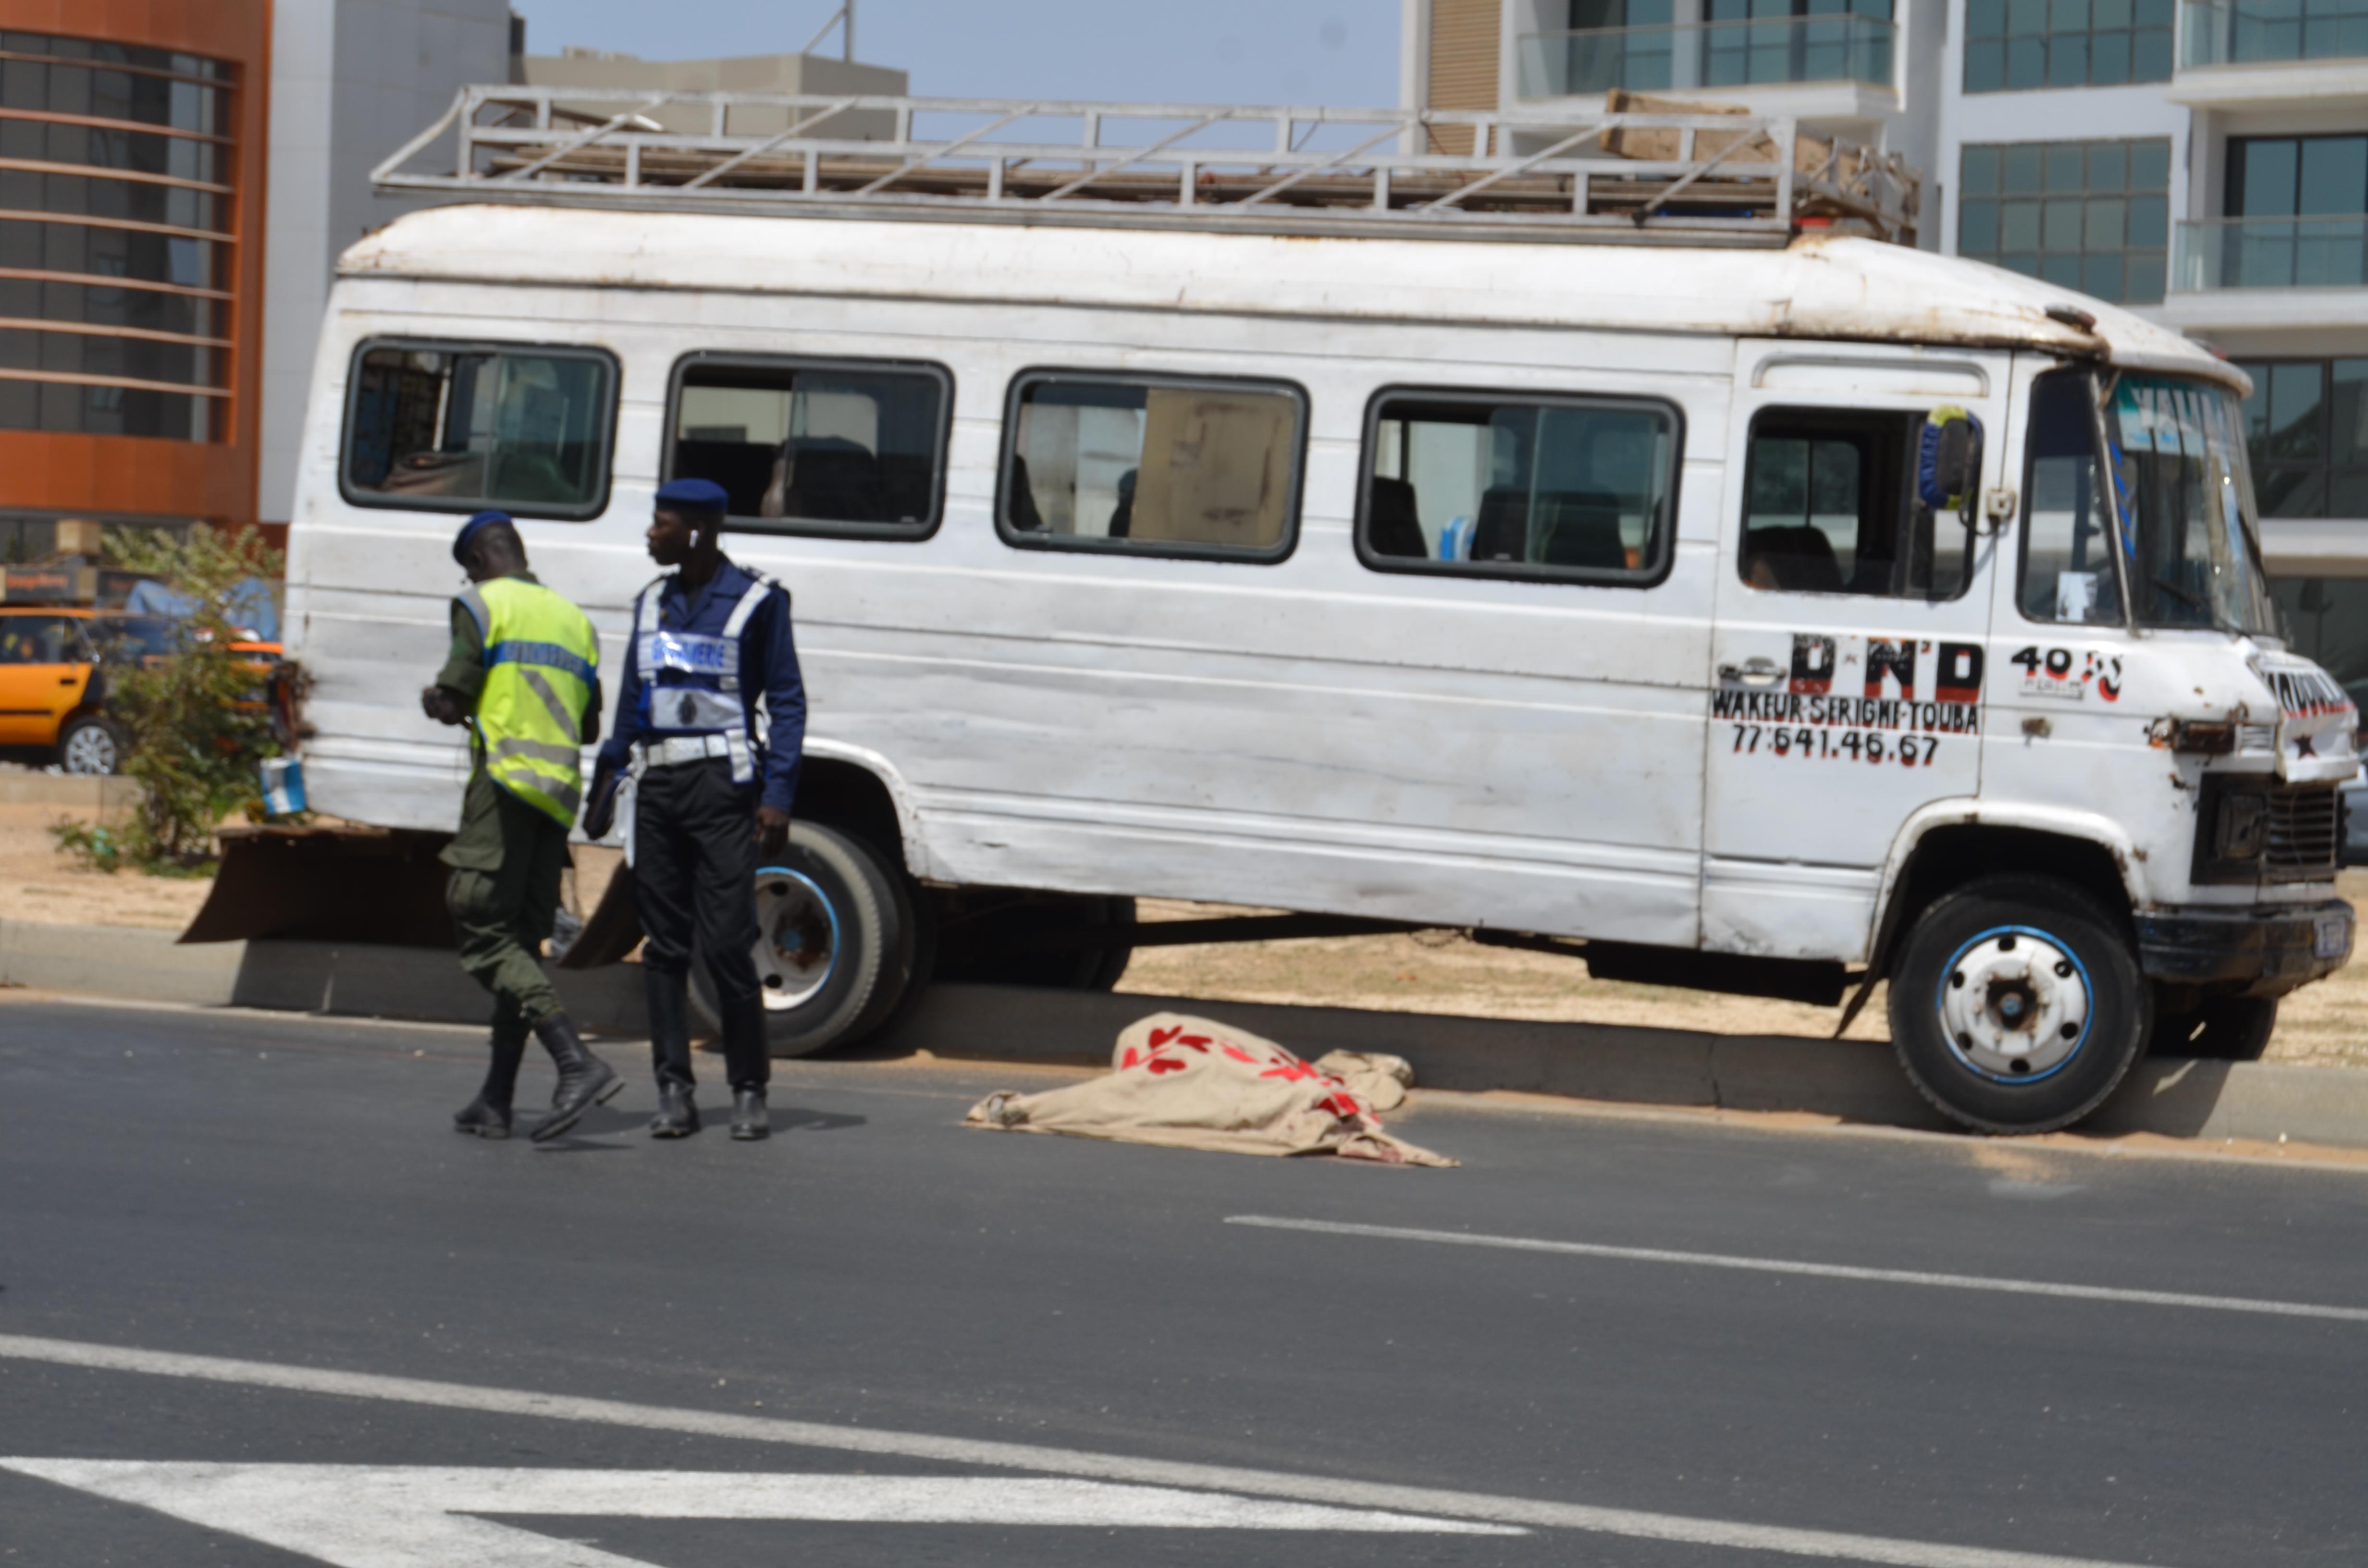 Vidéo-Accident de la circulation: Un homme de 70 ans mortellement fauché par un car Ndiaga Ndiaye sur la Vdn…